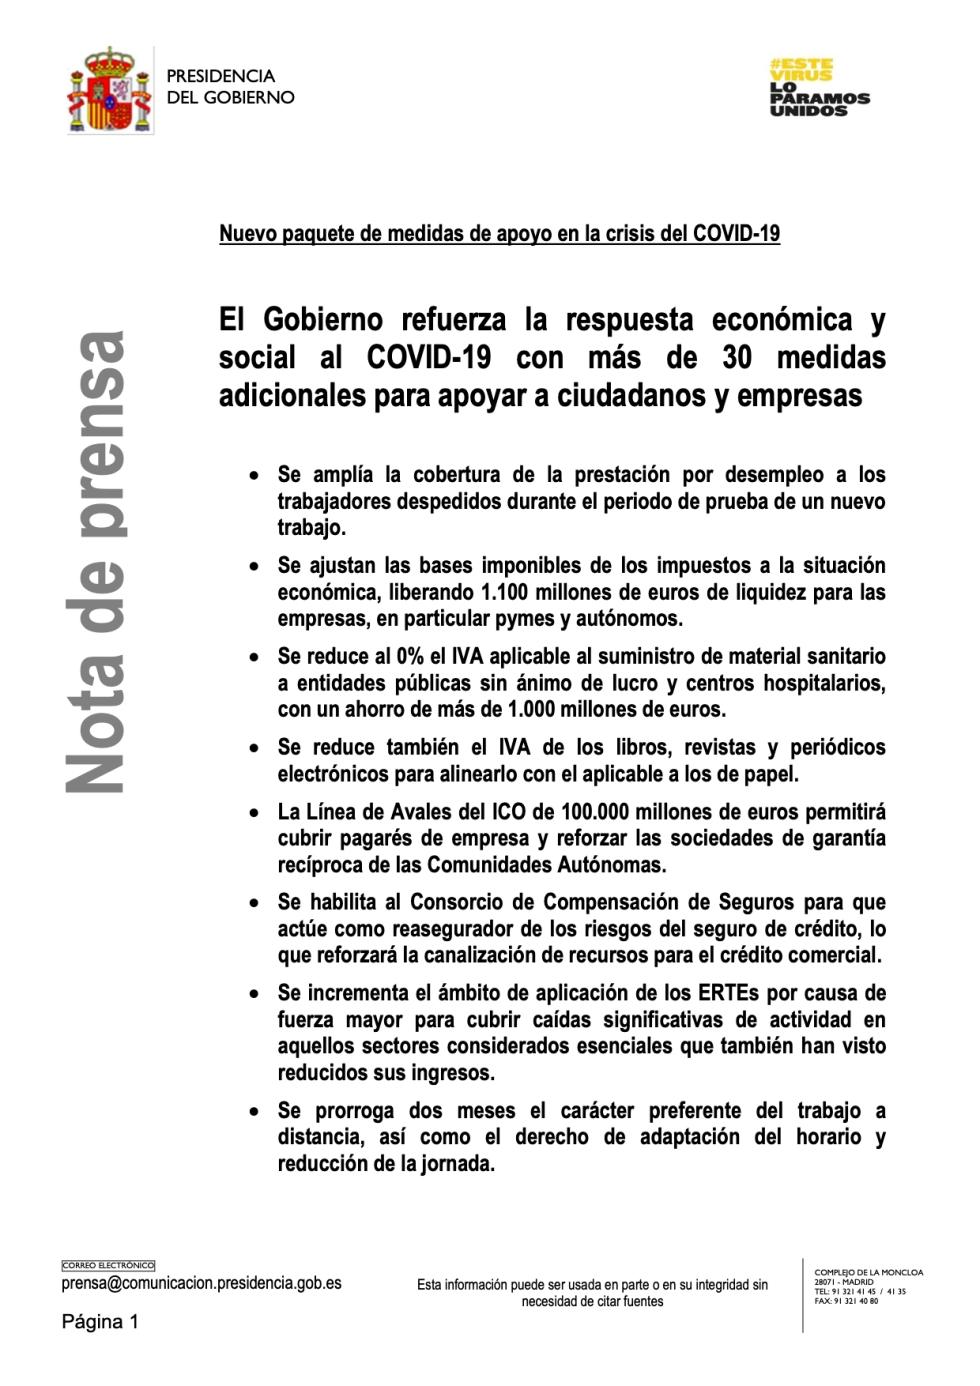 Nuevo paquete de medidas de apoyo en la crisis del COVID-19